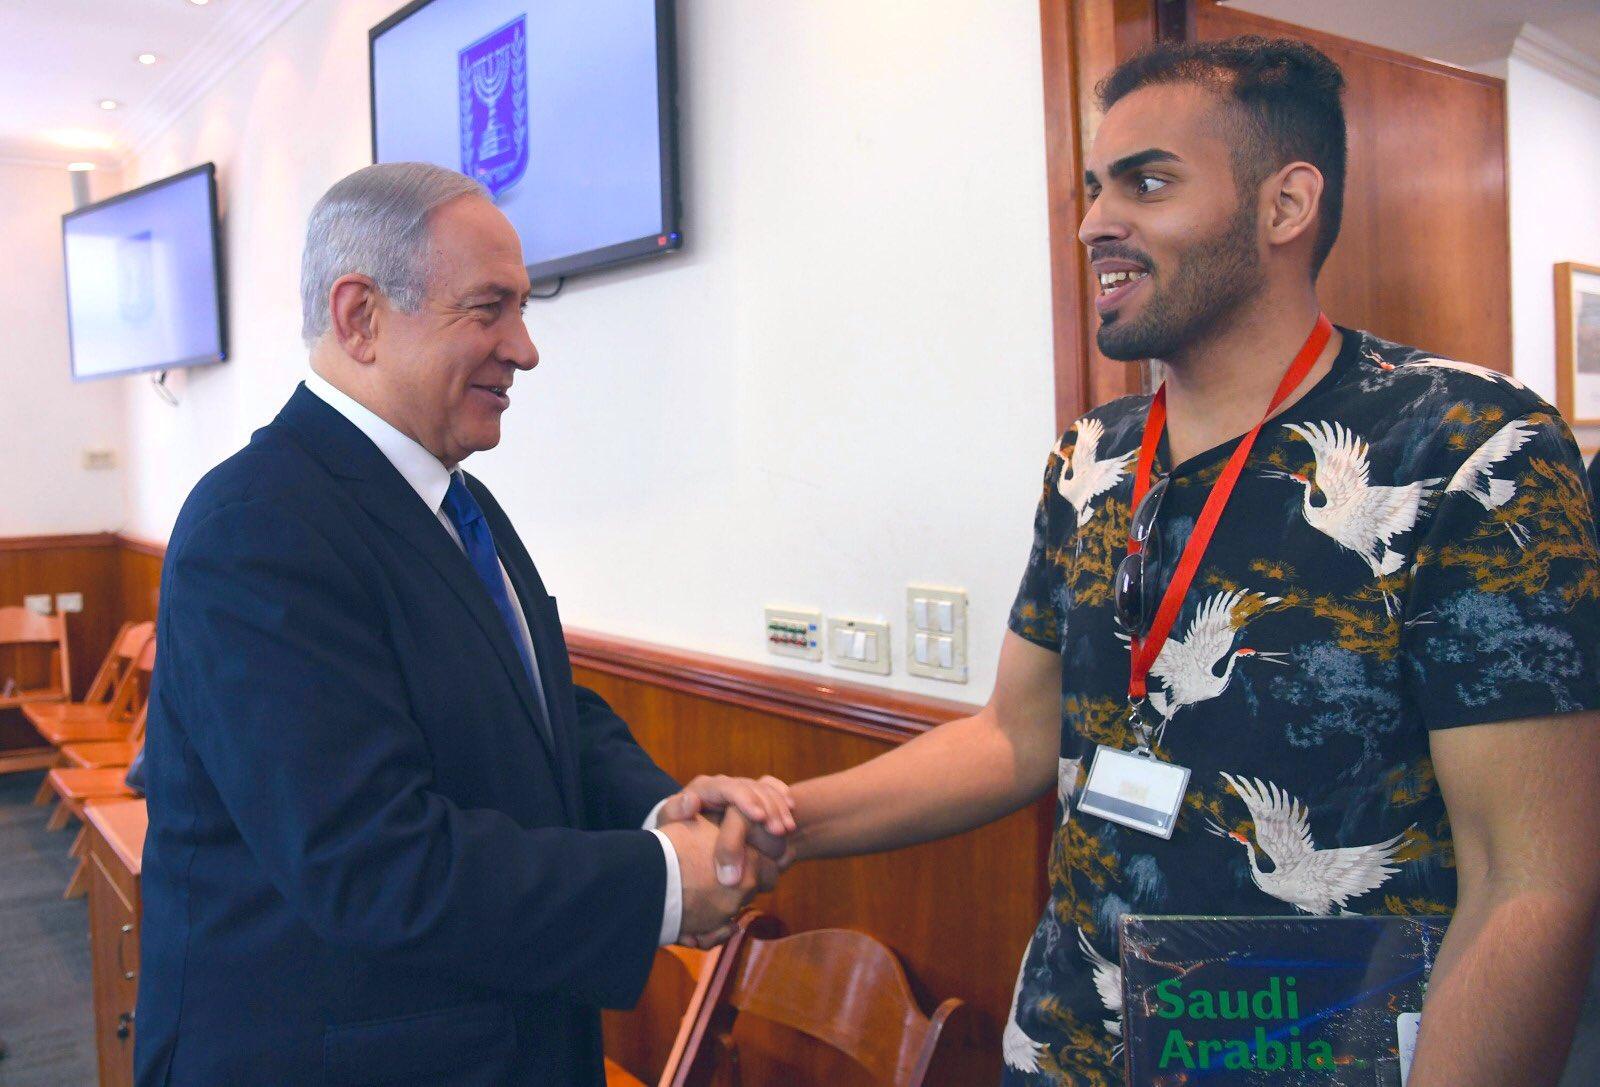 دیدار محمد سعود فعال توئیتری سعودی با بنیامین نتانیاهو